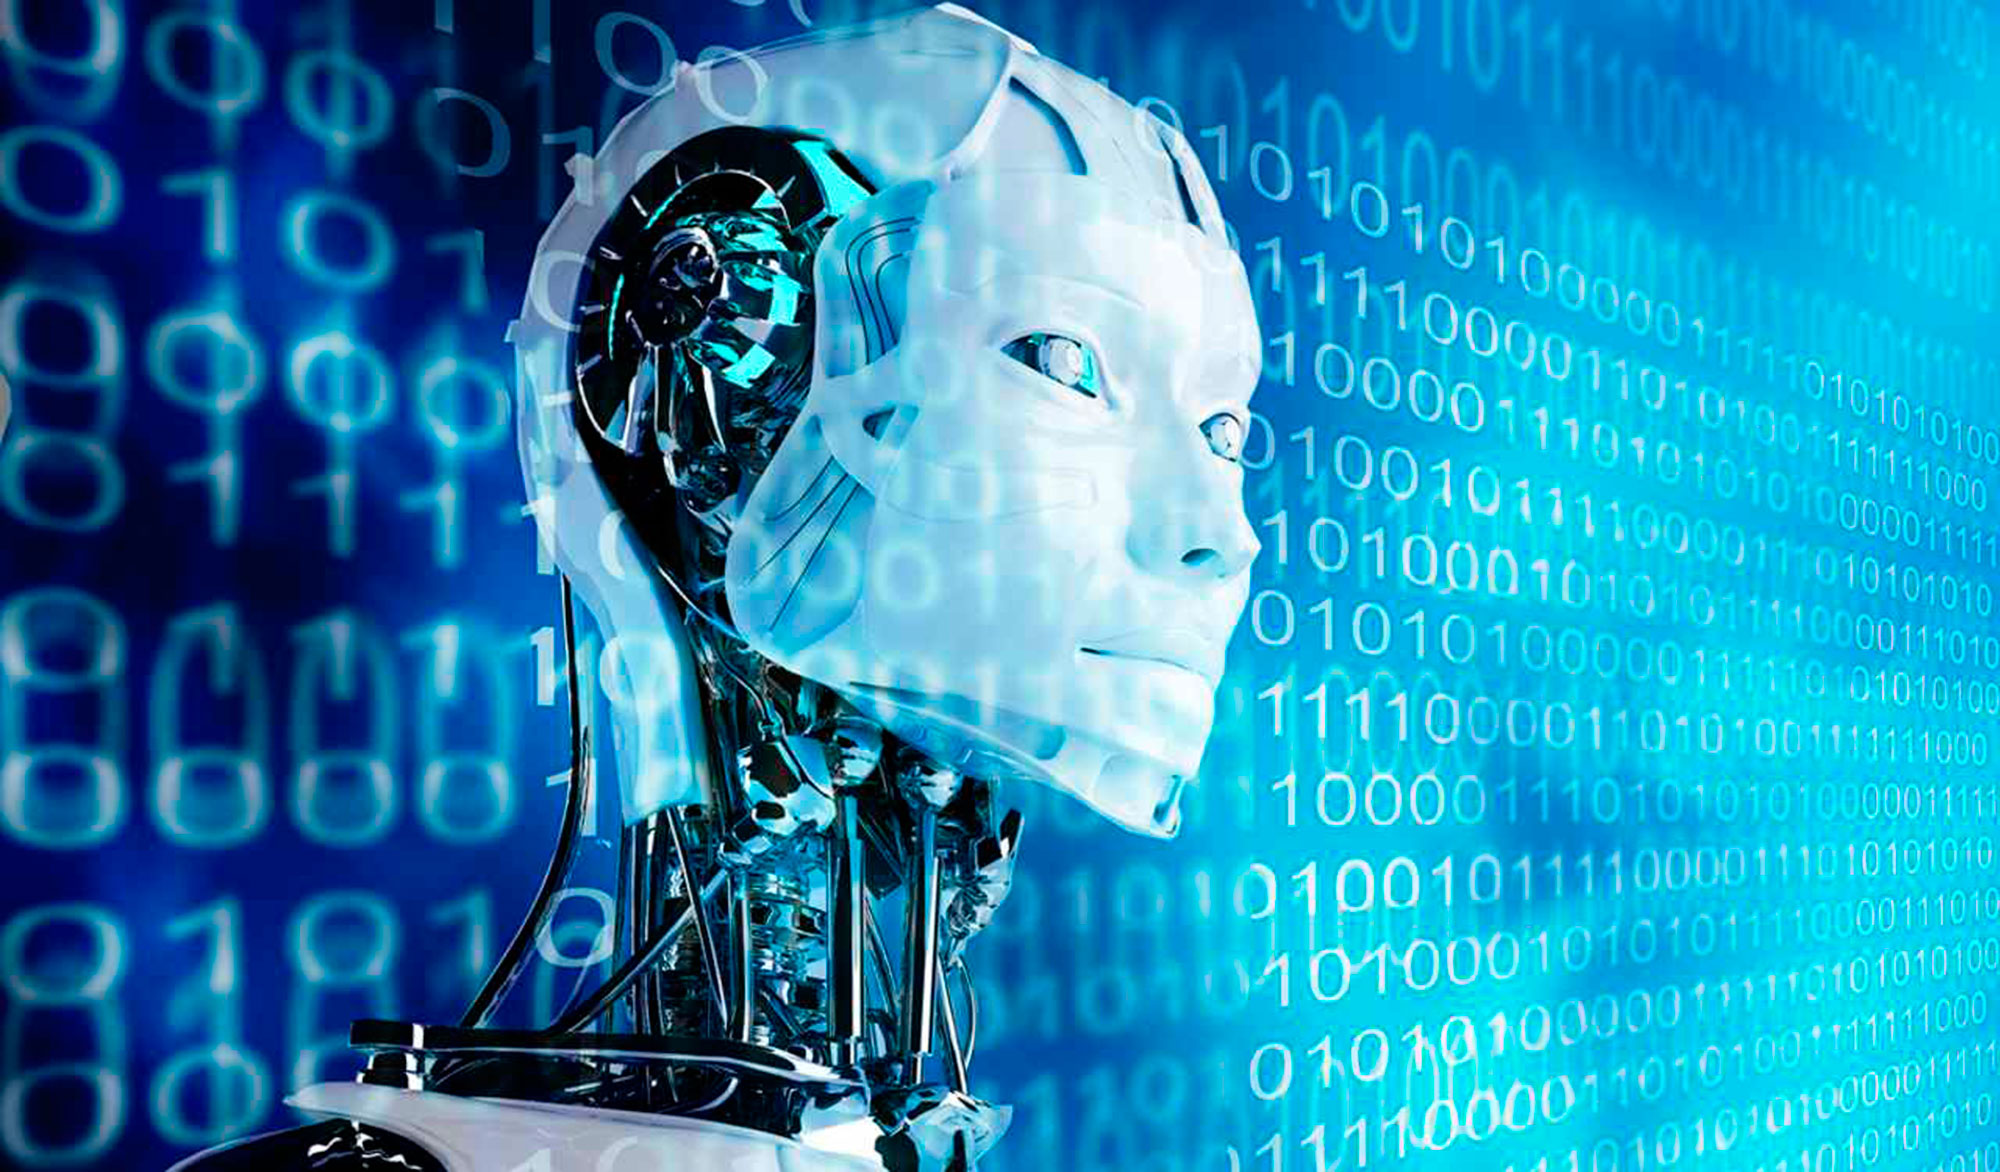 Потерять работу из-за искусственного интеллекта боятся россияне